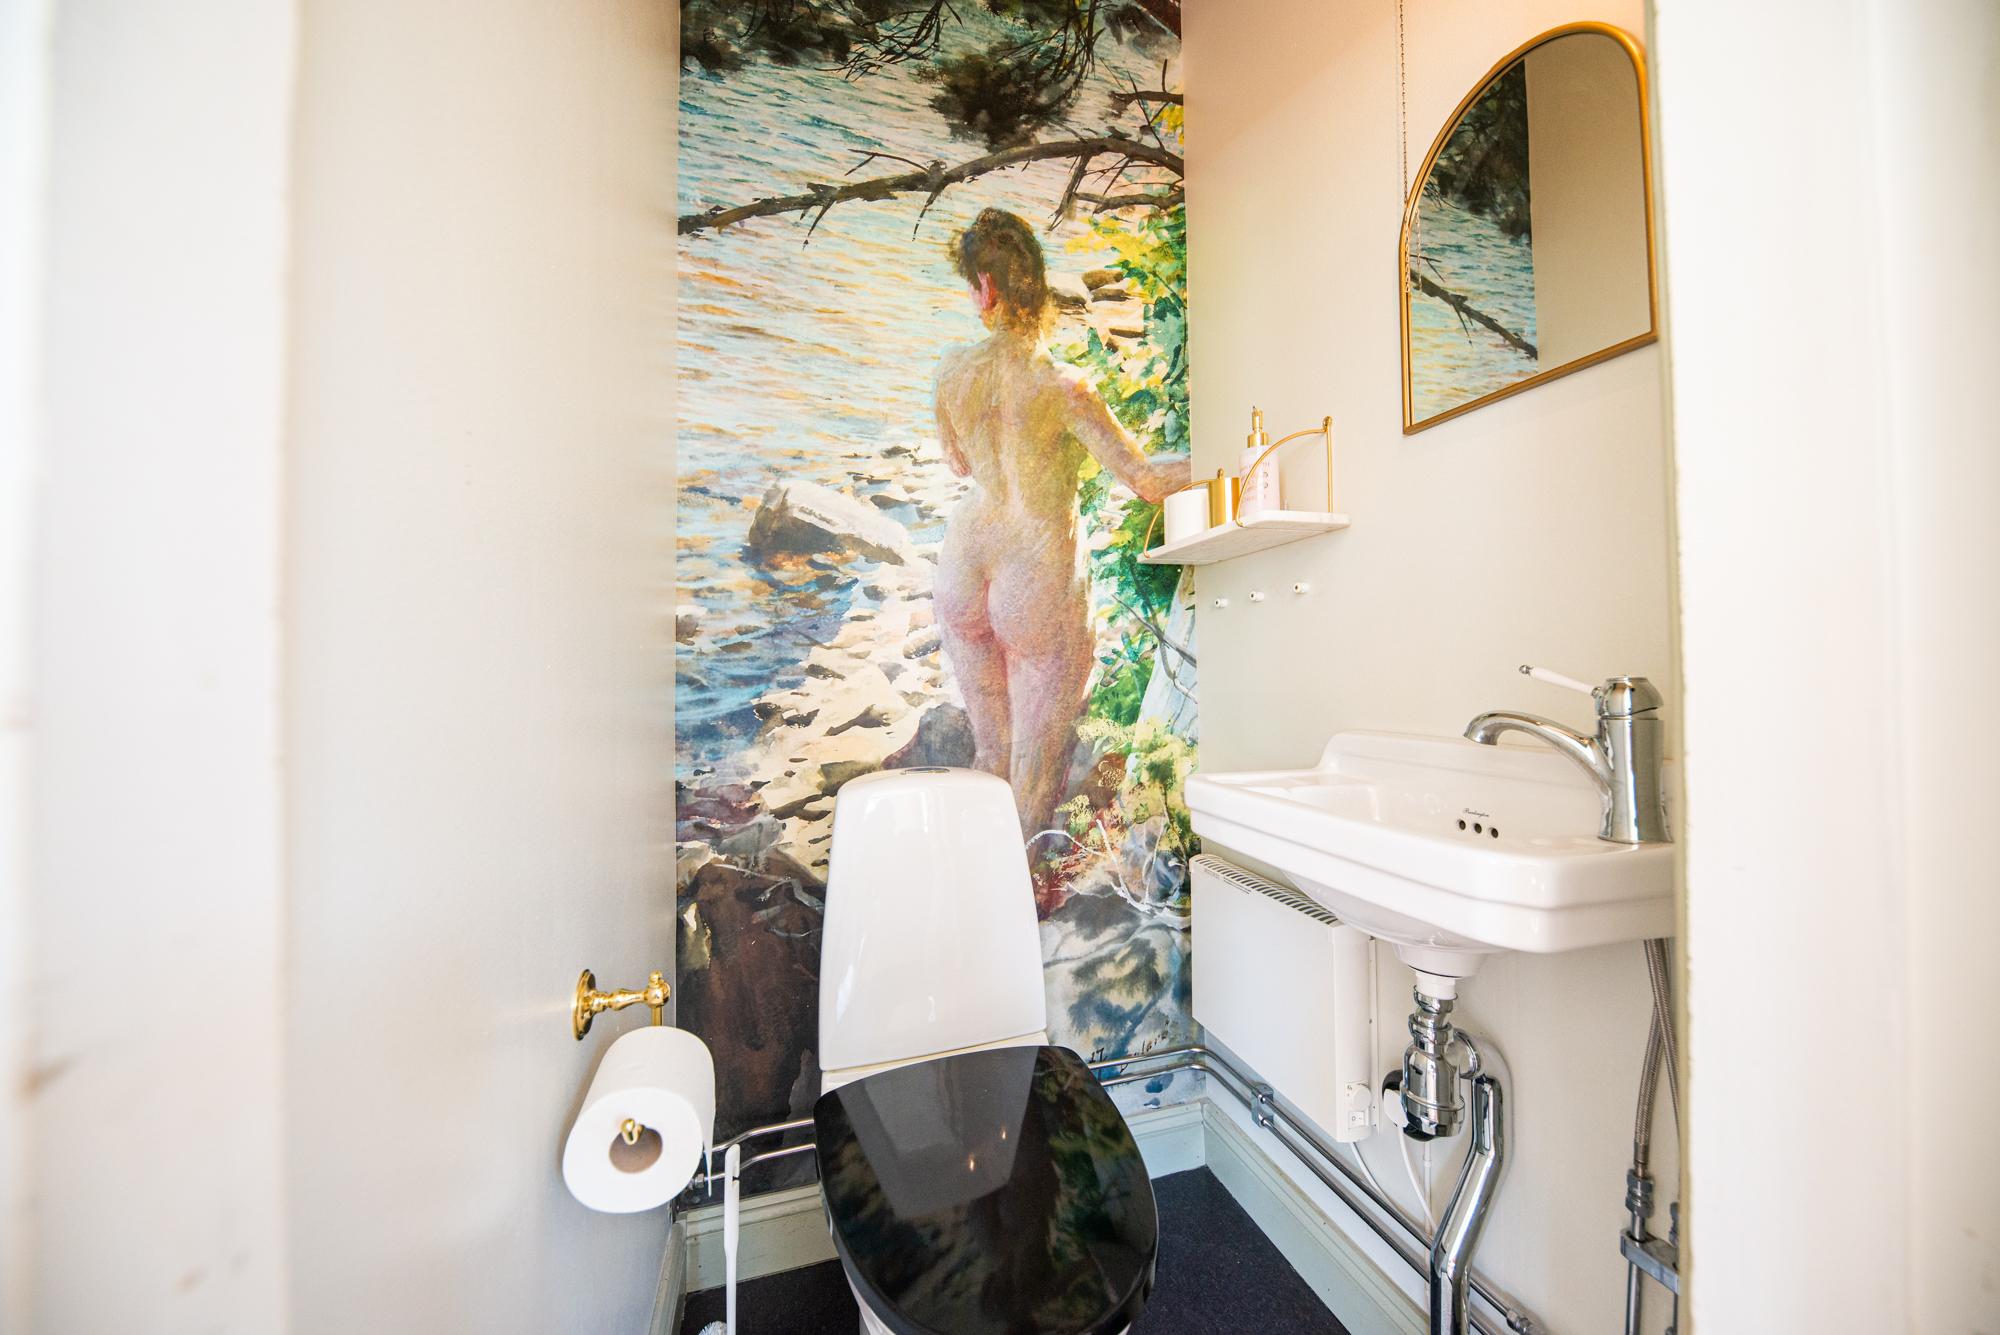 Lôkes 2, Solbackens wc i Familjen Lindströms boning.